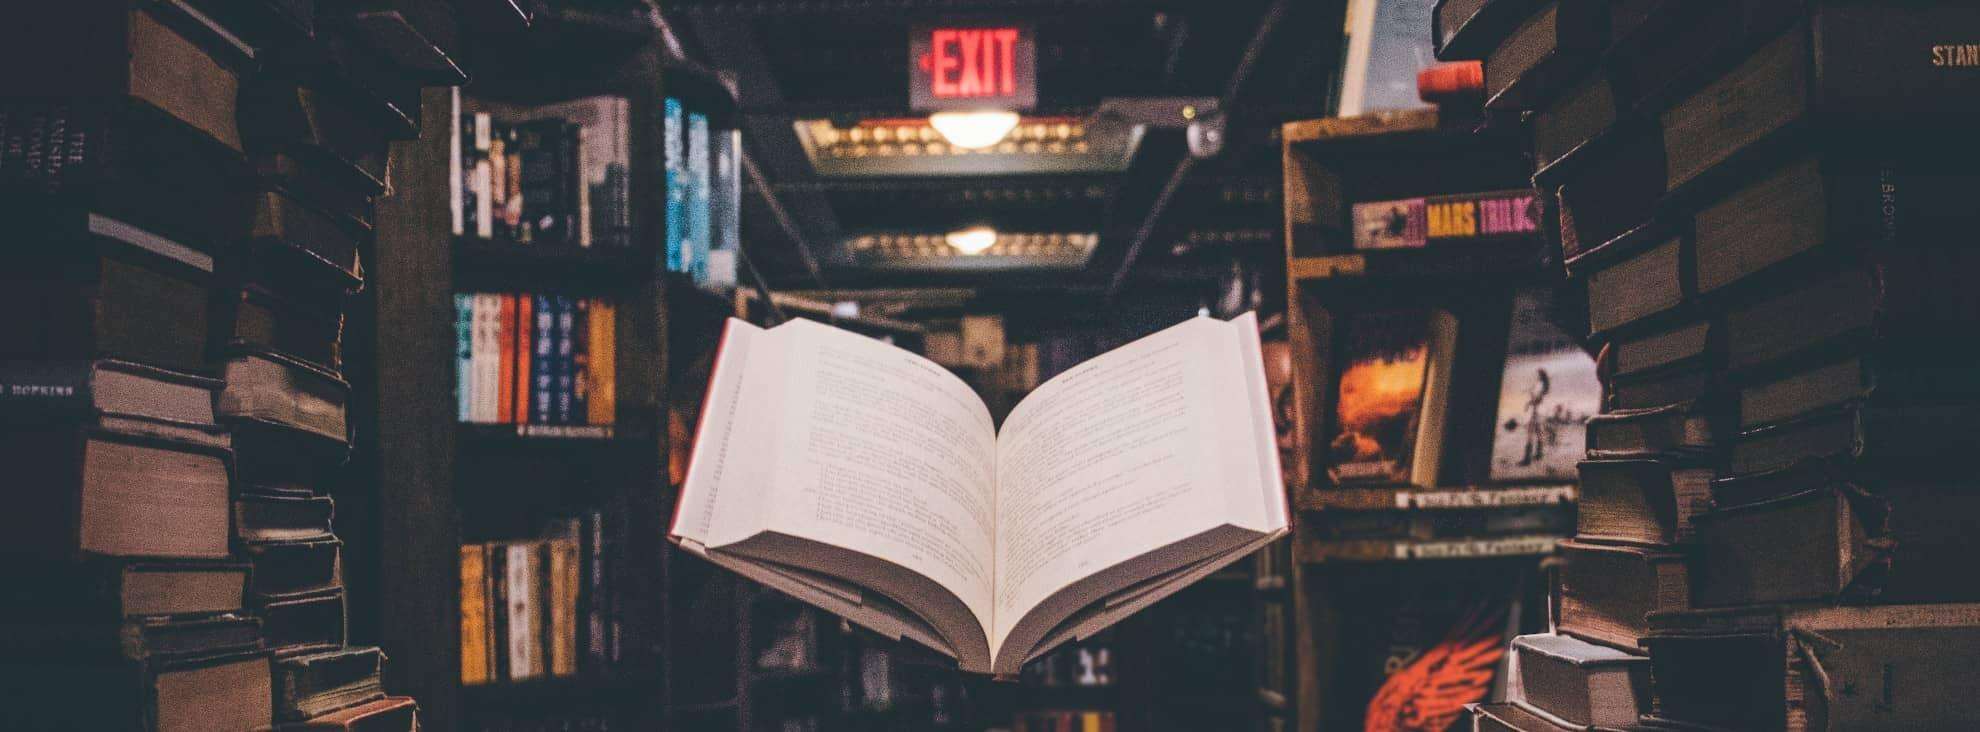 Buch veröffentlichen mit Erfolg: Das solltest Du beachten